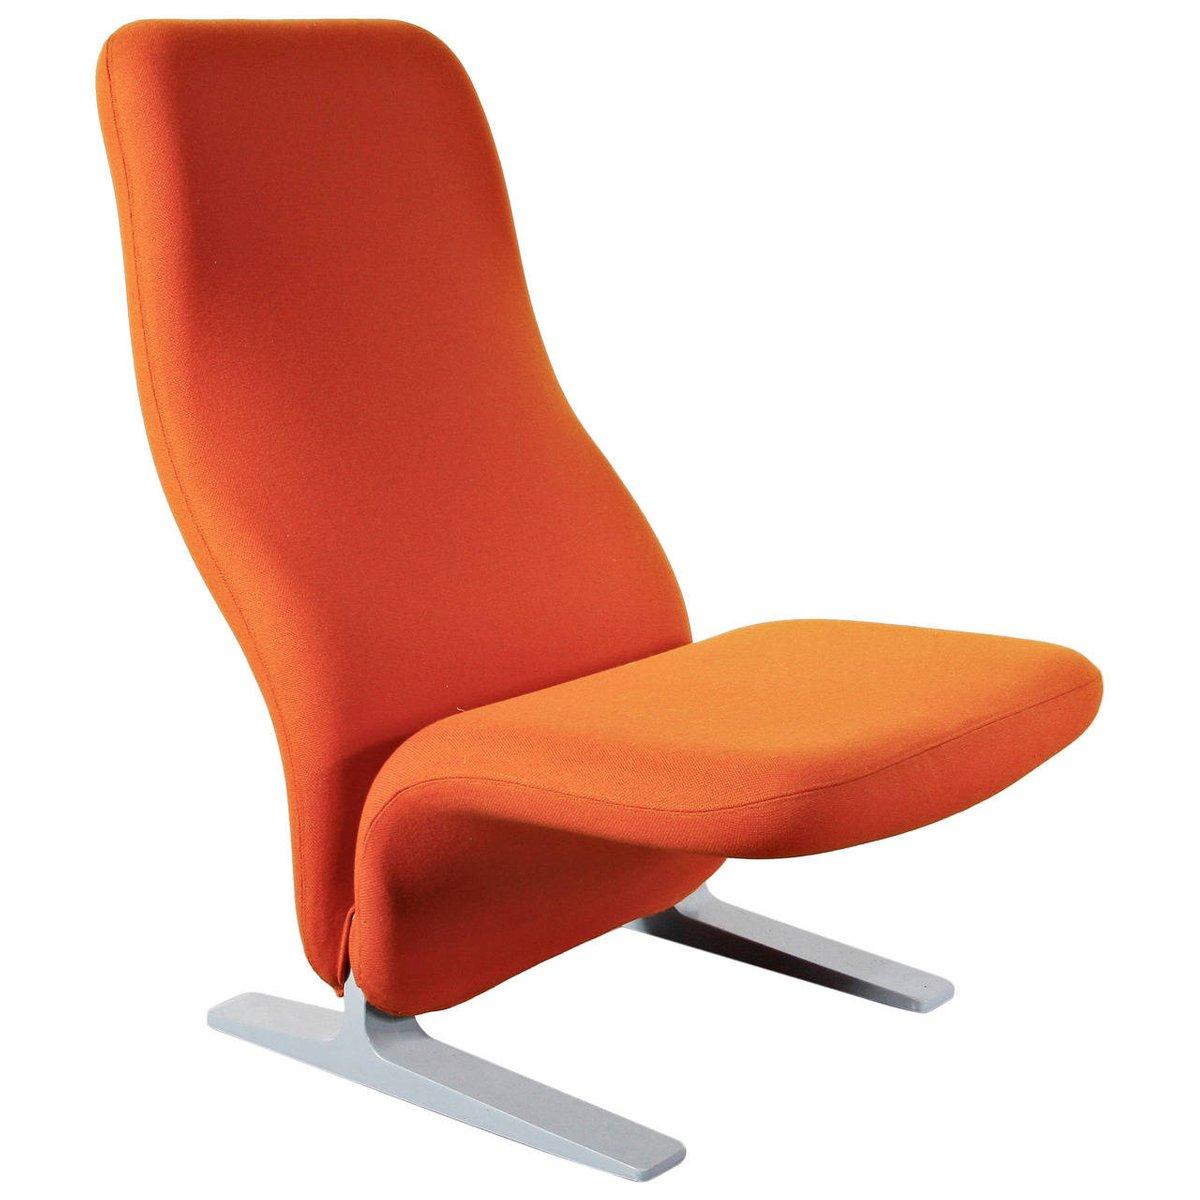 Oranger Concorde Sessel von Pierre Paulin für Artifort, 1960er